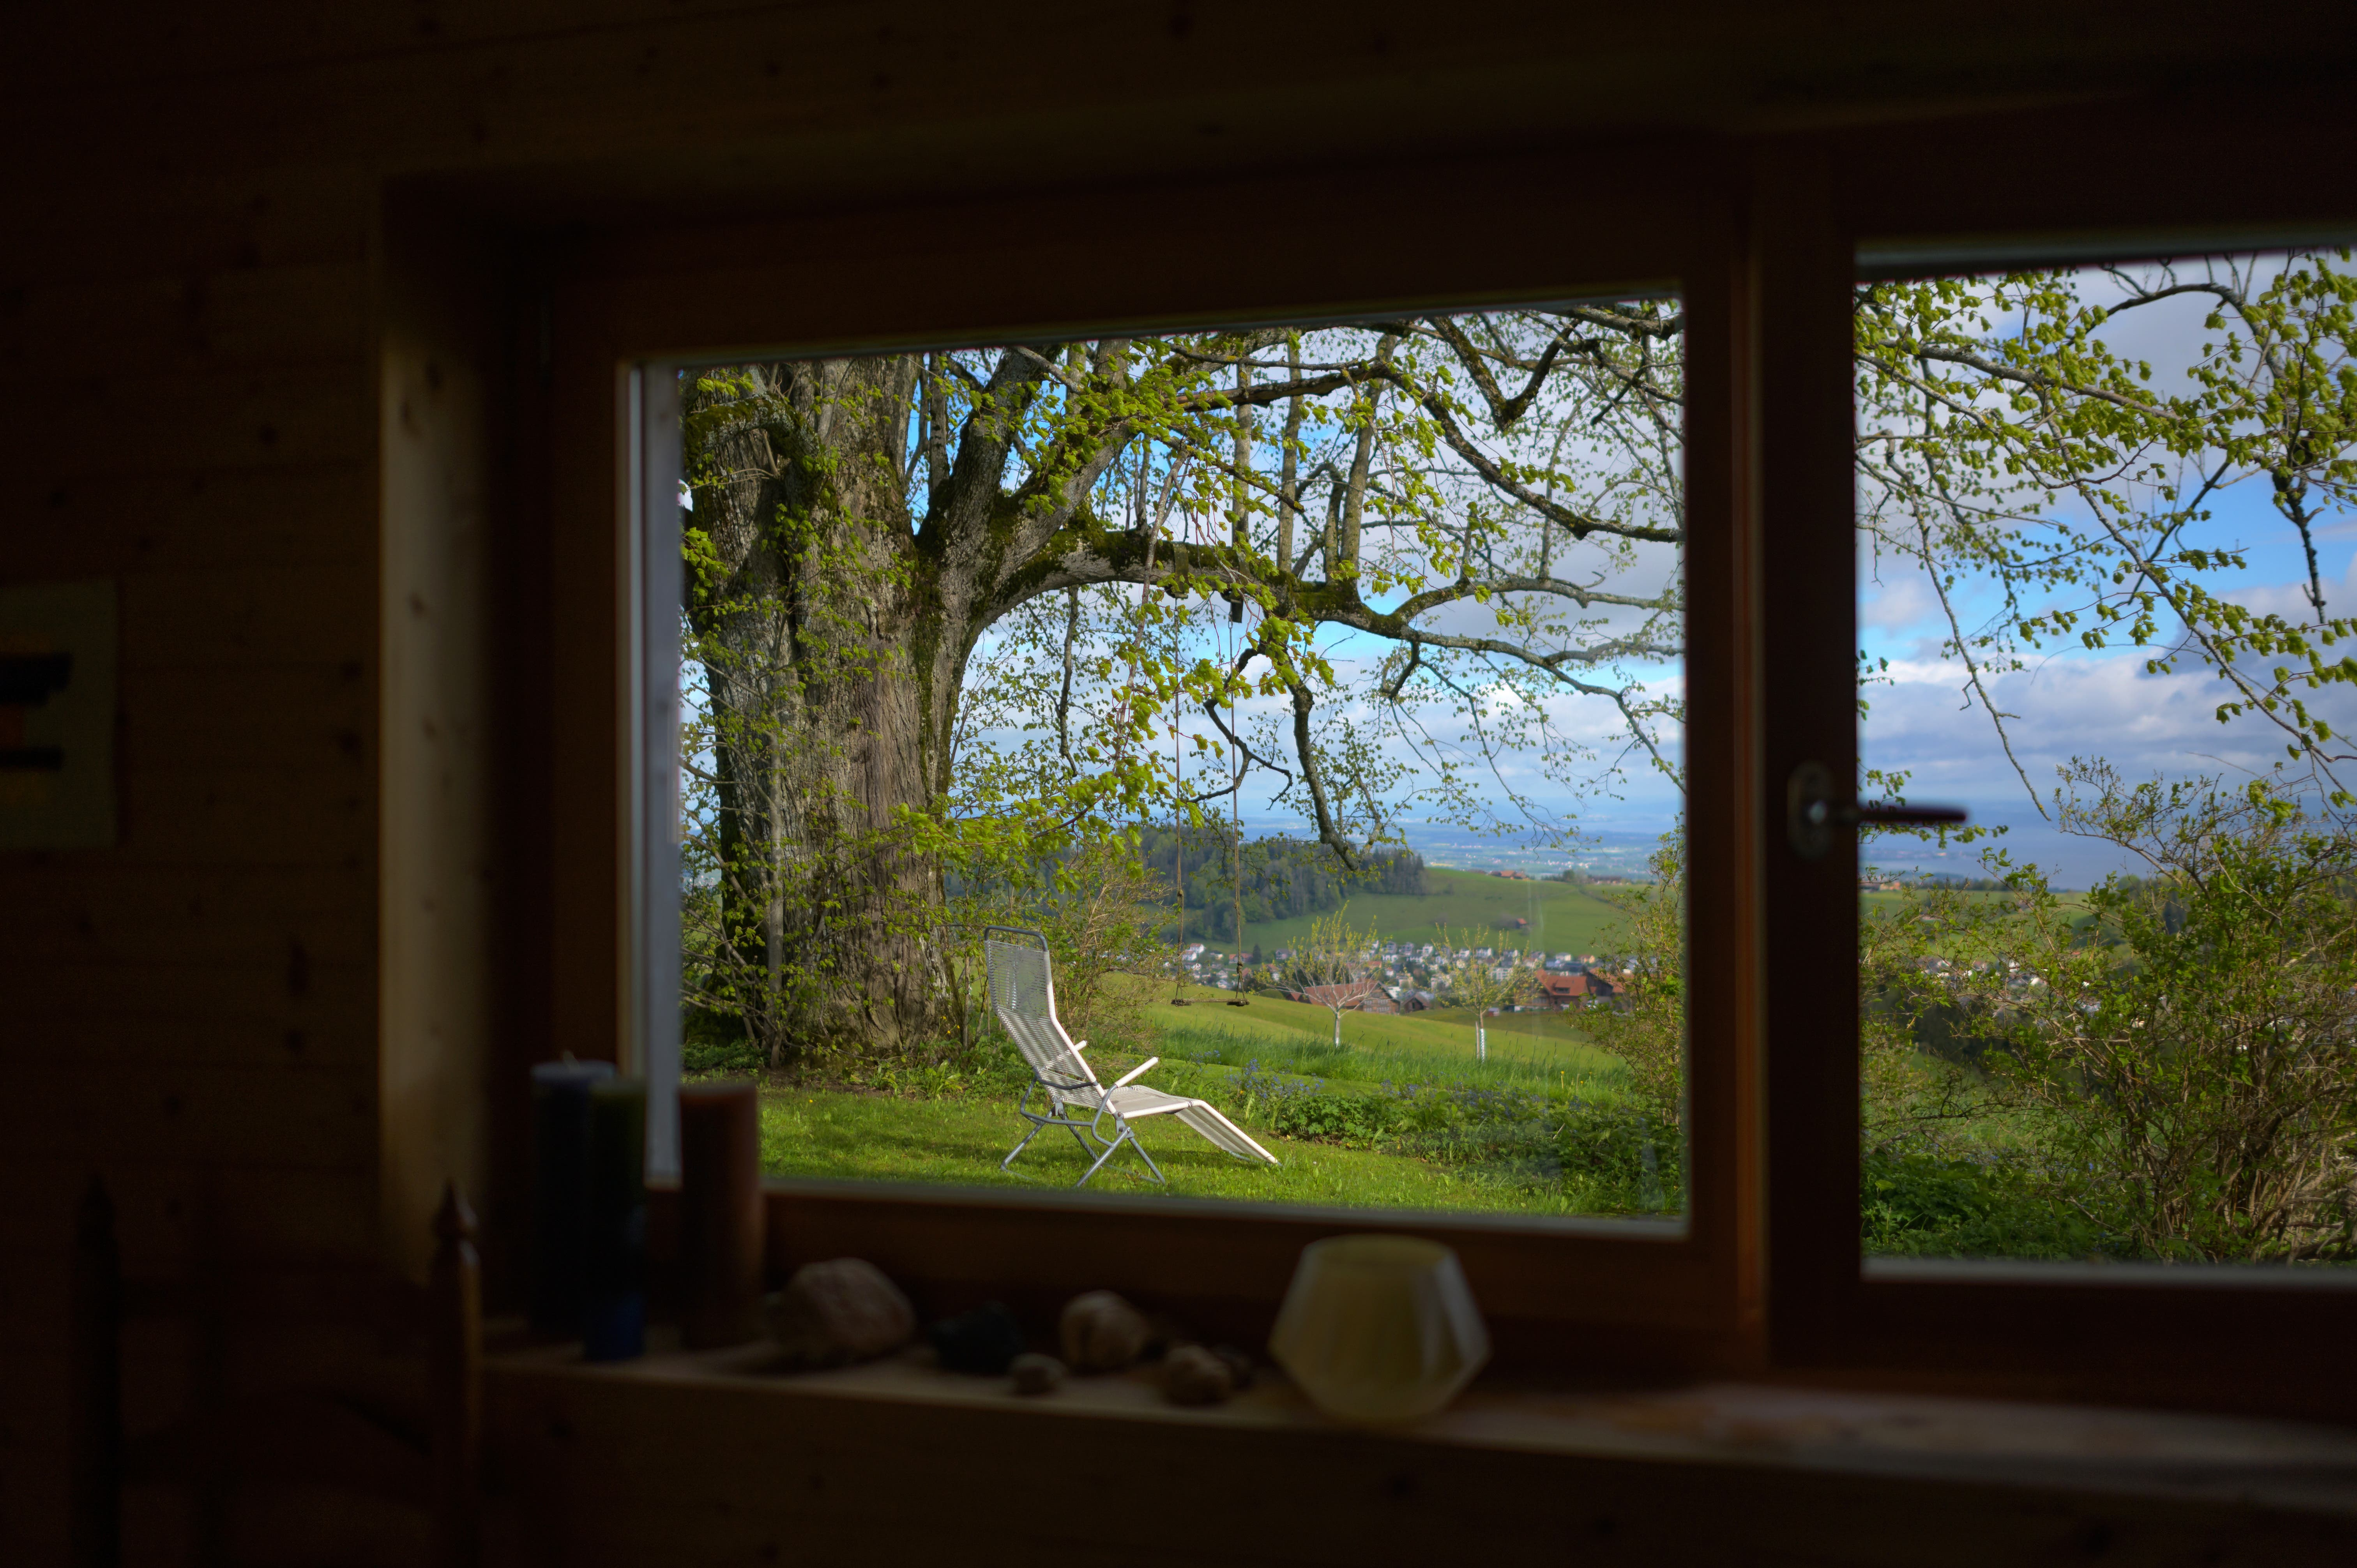 Aus dem Fenster geht der Blick zur grossen Linde und hinüber bis zum Bodensee.